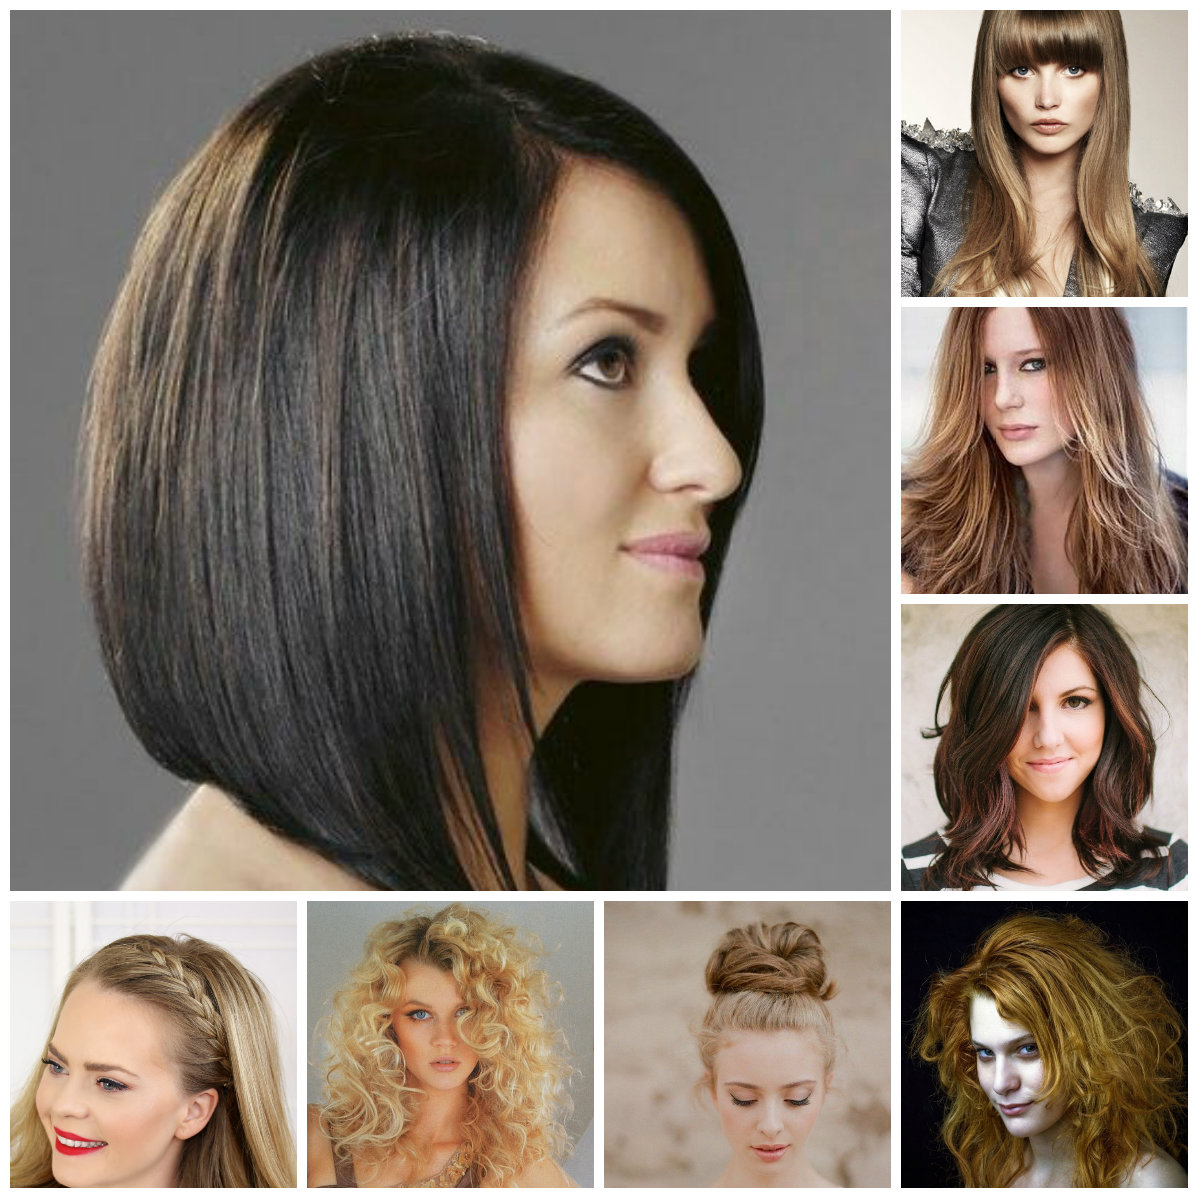 modelos-de-penteados-para-2016